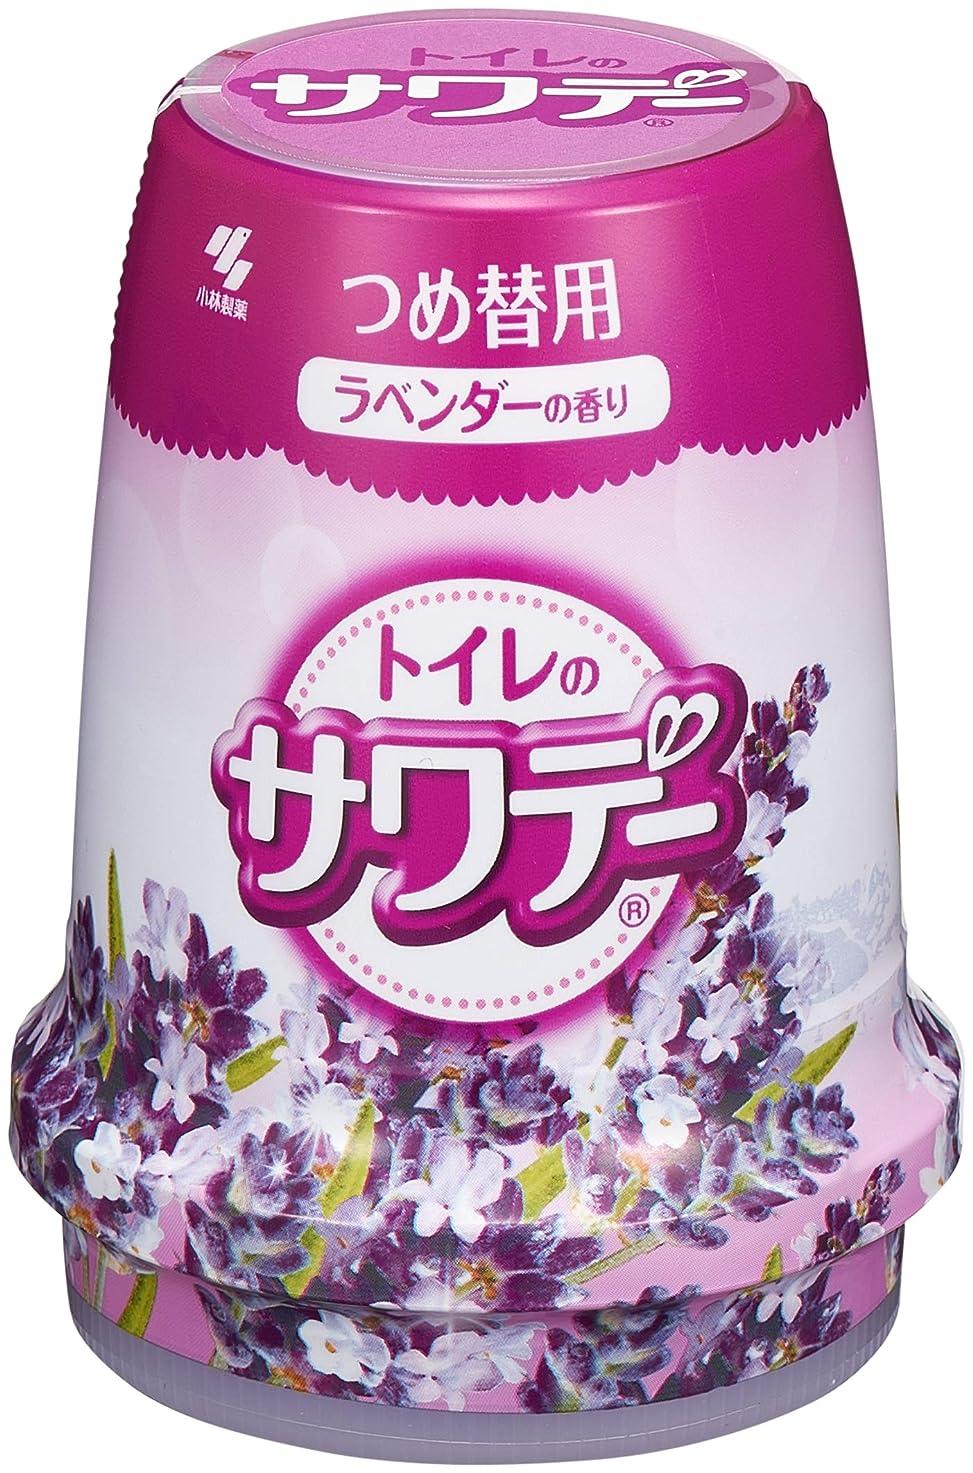 優雅ピース逆サワデー 消臭芳香剤 トイレ用 詰め替え用 こころ落ち着くラベンダーの香り 140g